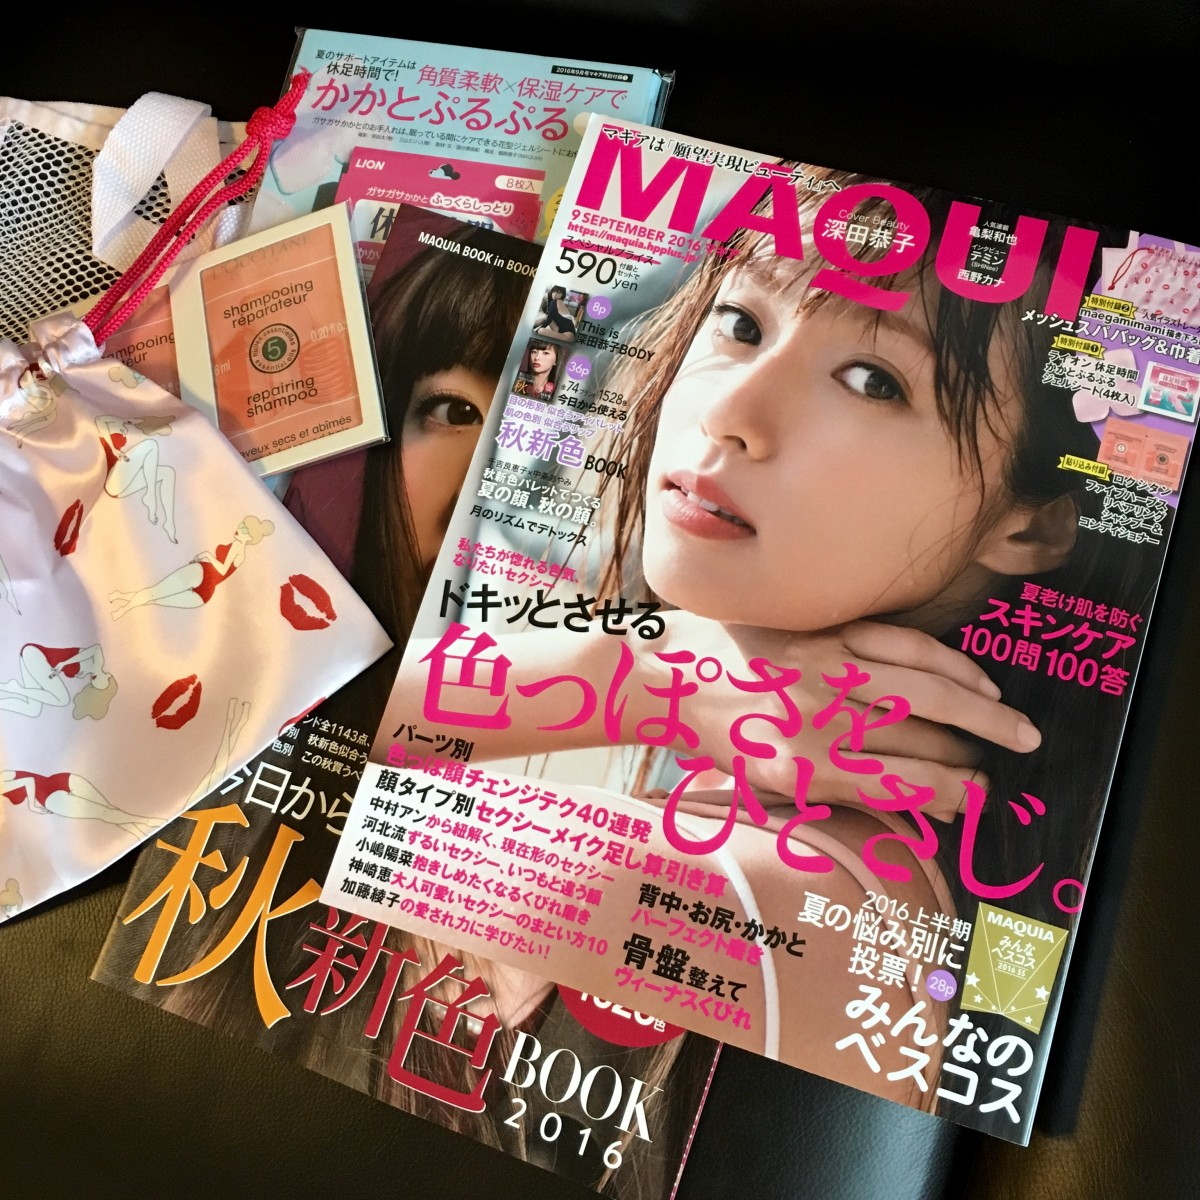 【深田恭子さんが表紙!】MAQUIA(マキア)9月号 発売★色っぽさをひとさじ添える美テク満載。